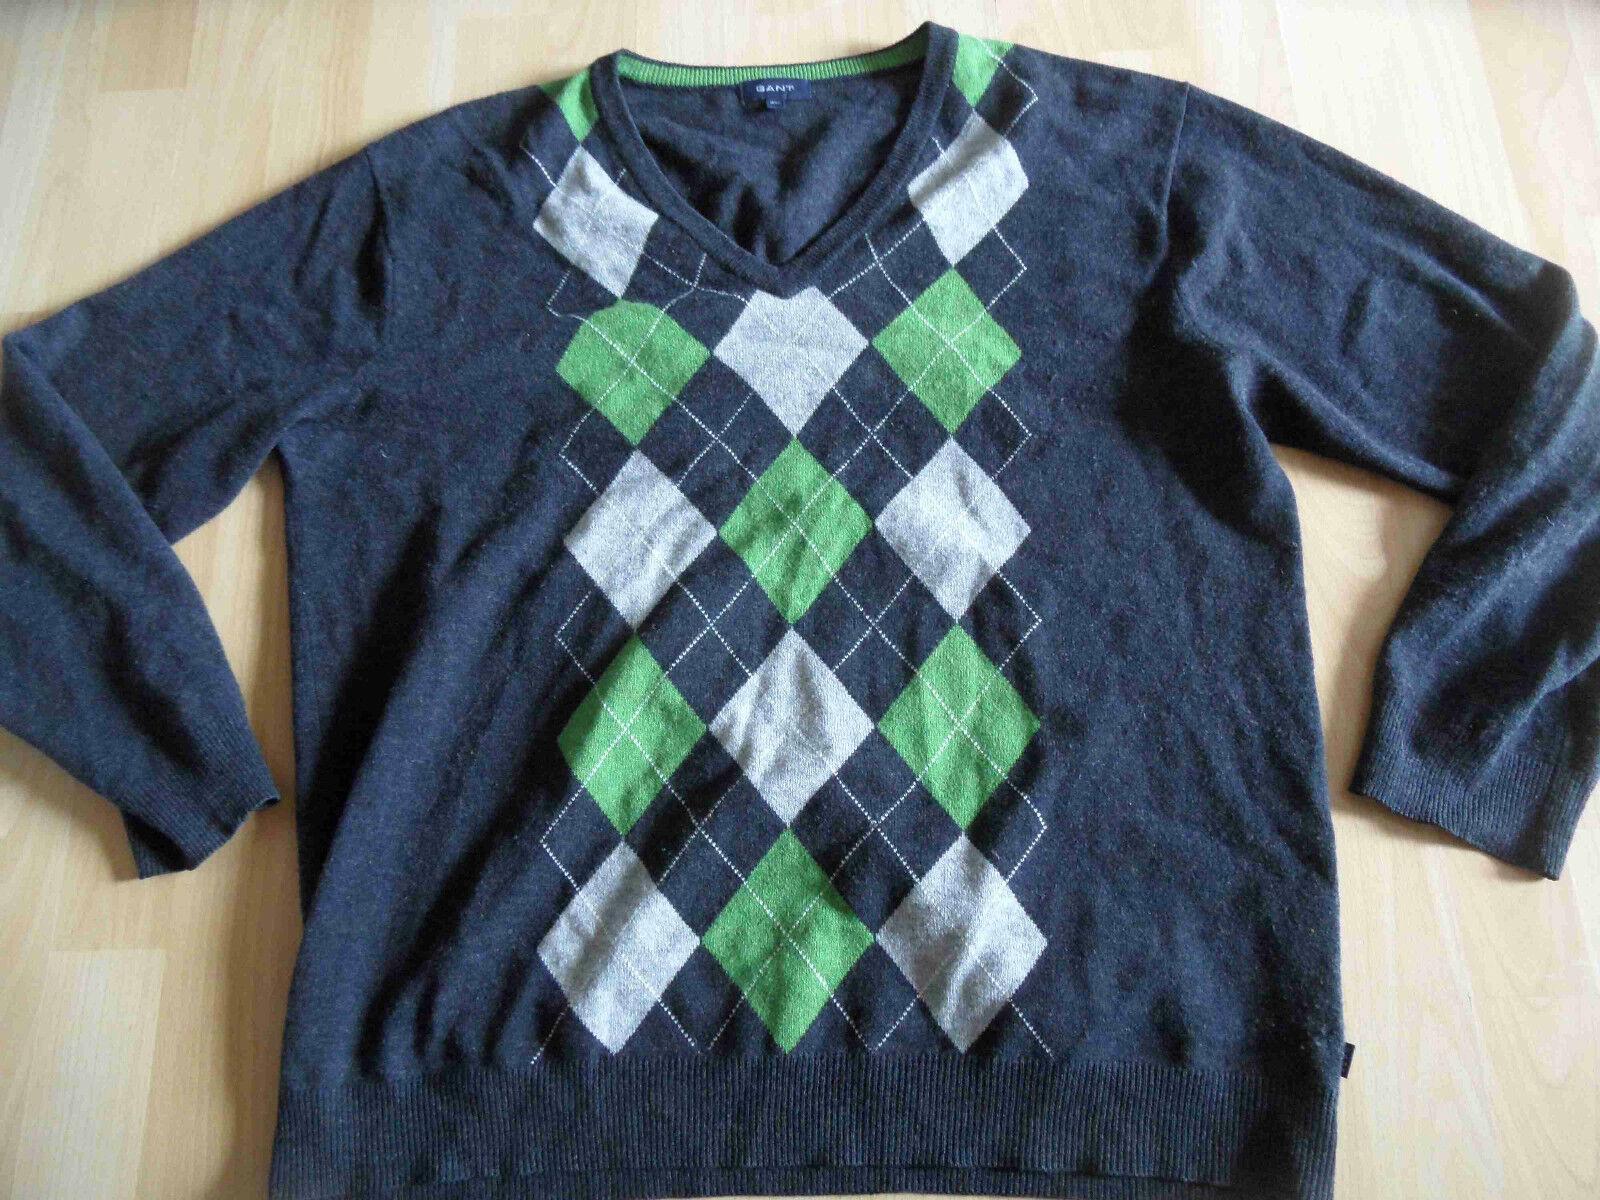 GANT schöner Lambswollpullover Rautenmuster grau grün Gr. 2XL TOP 615